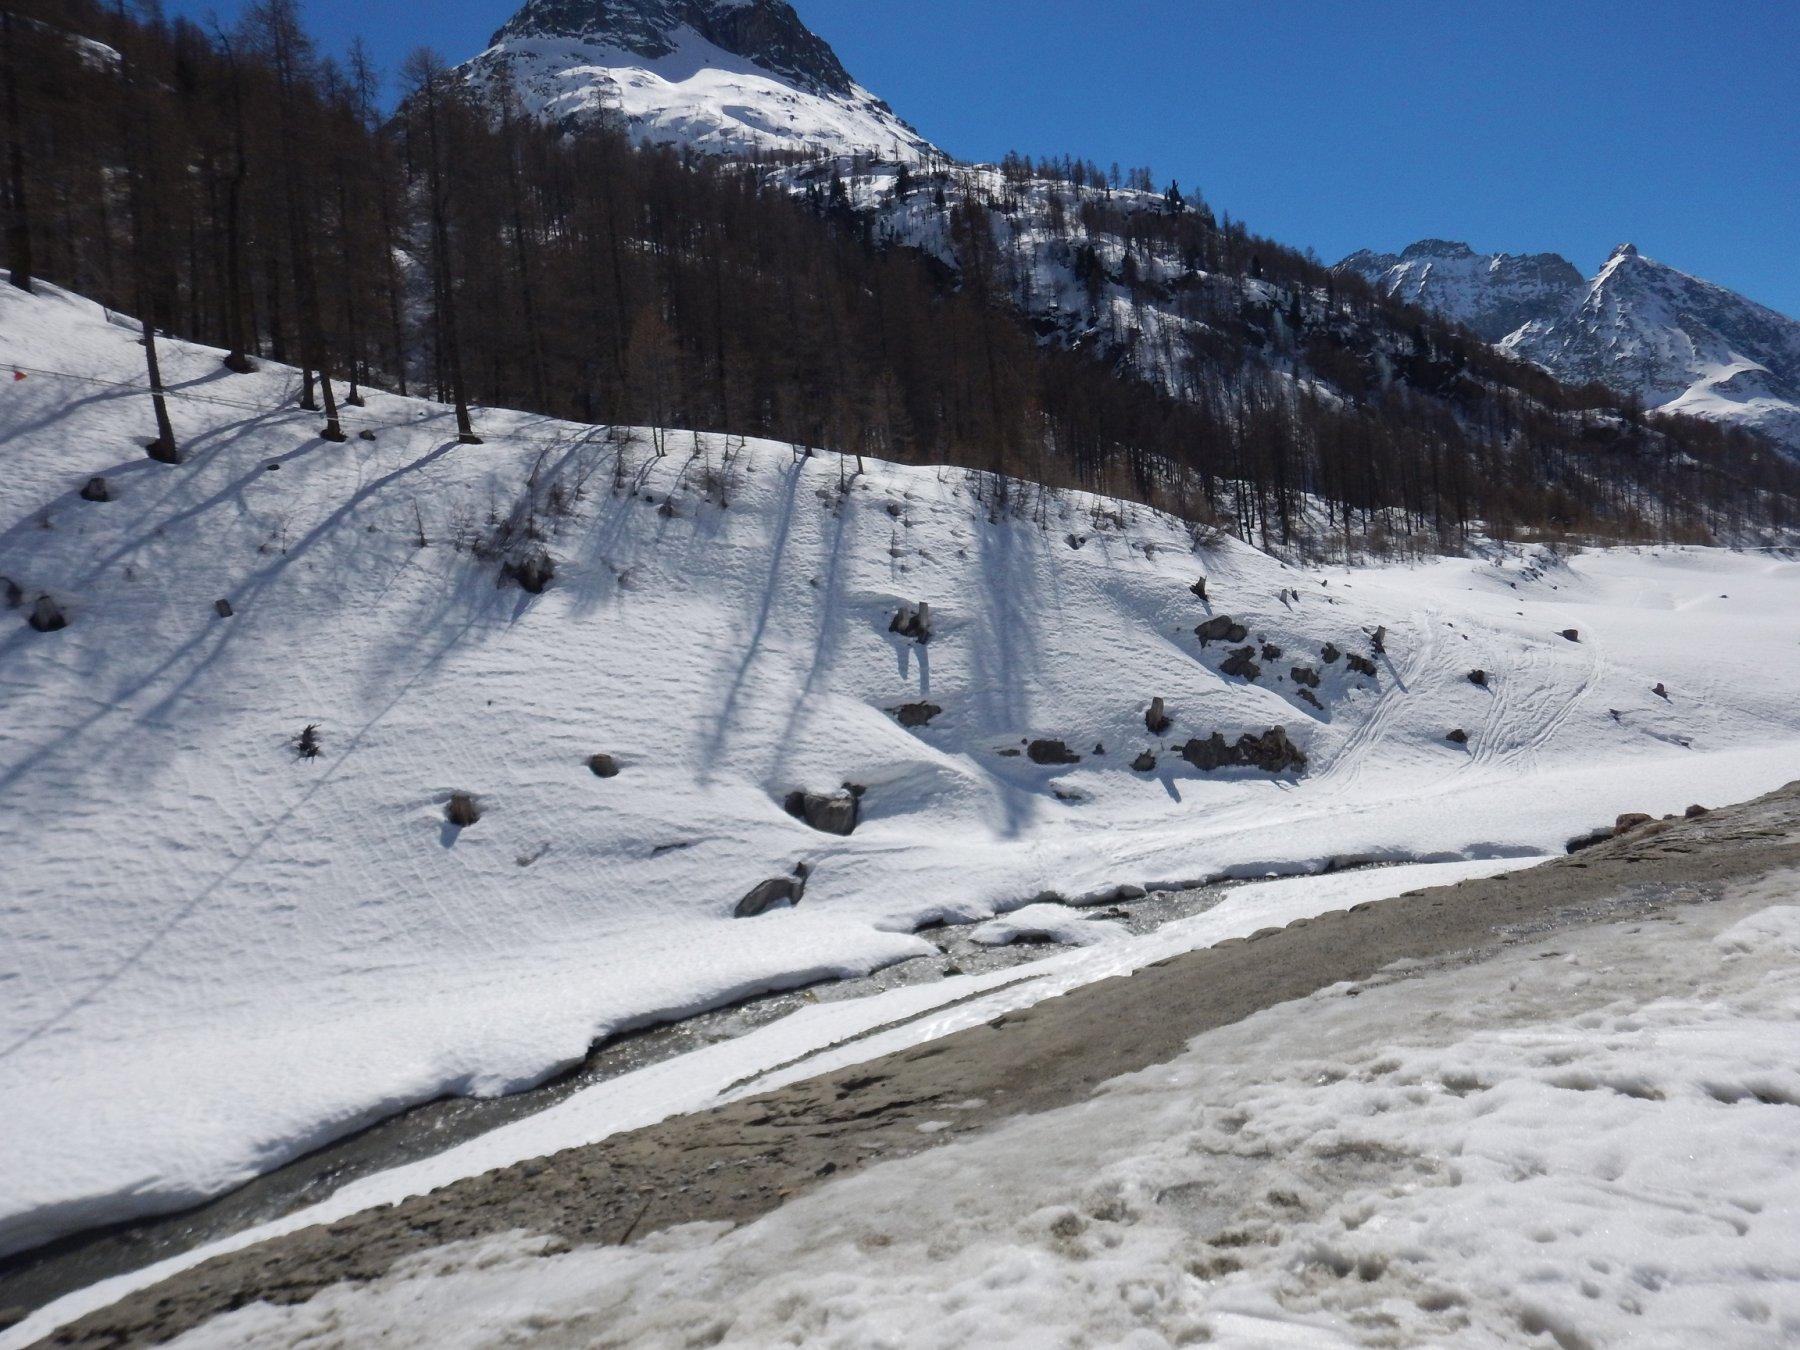 ponte di neve che permette di accorciare il percorso